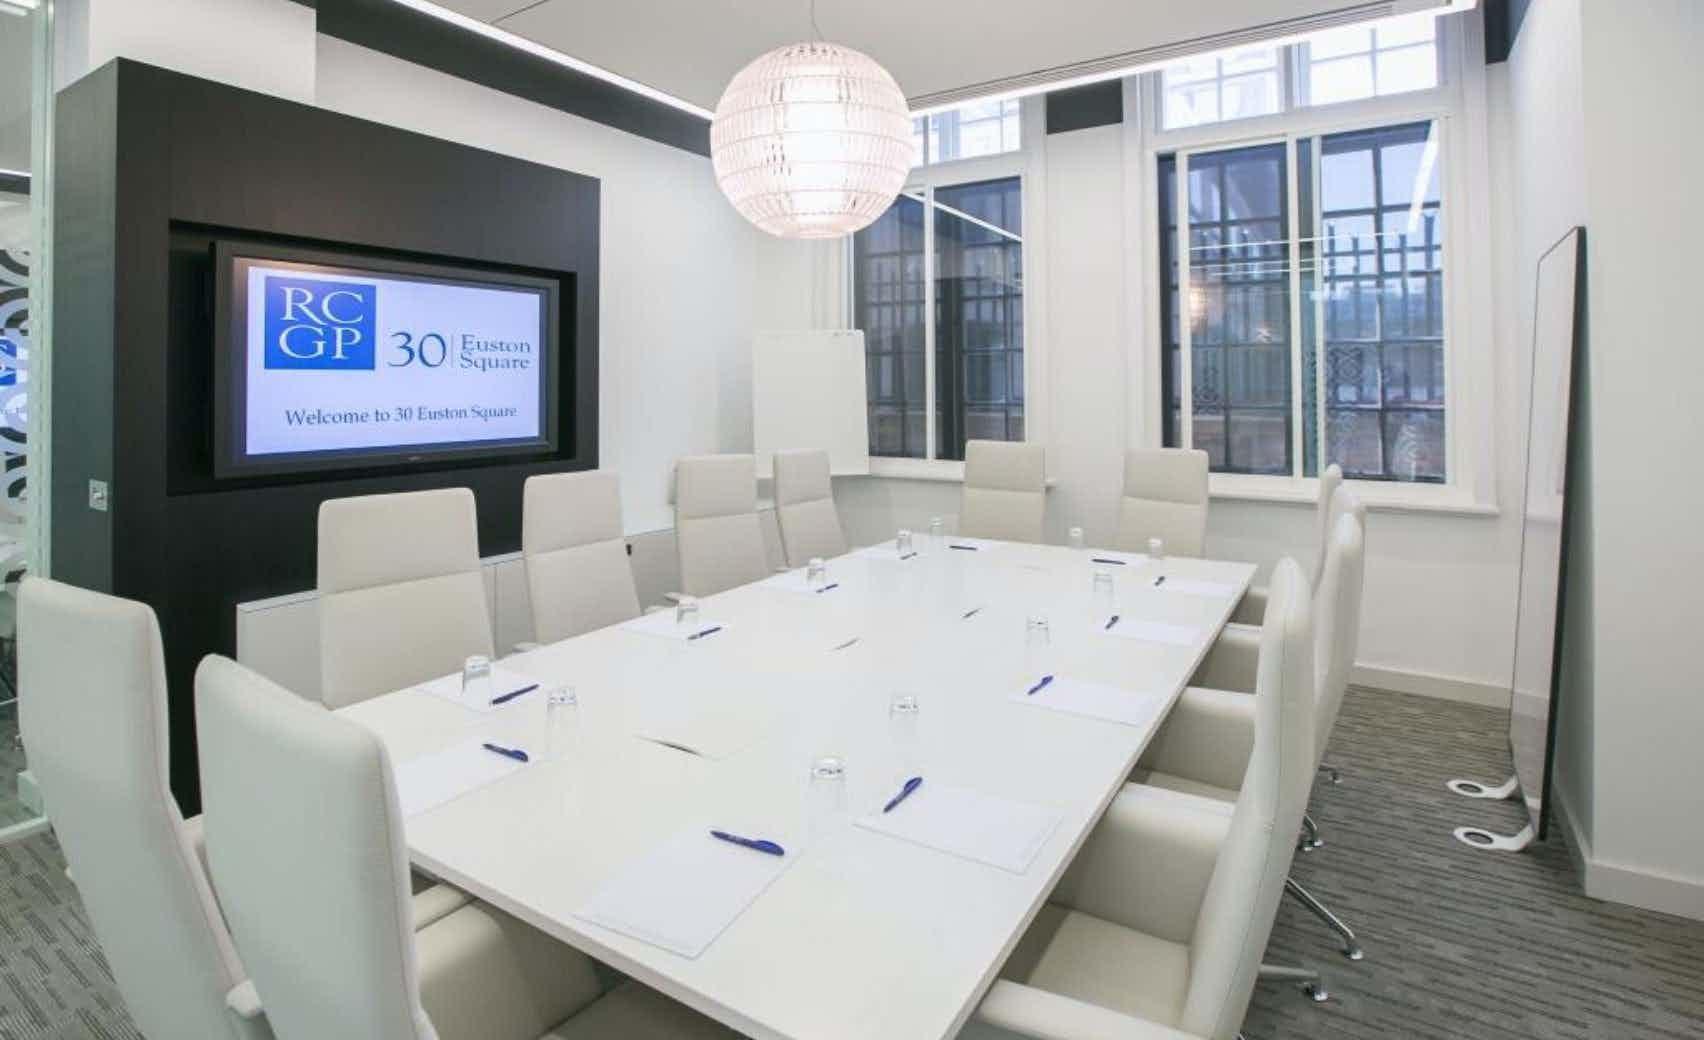 Ground Floor Meeting Room 8, 30 Euston Square